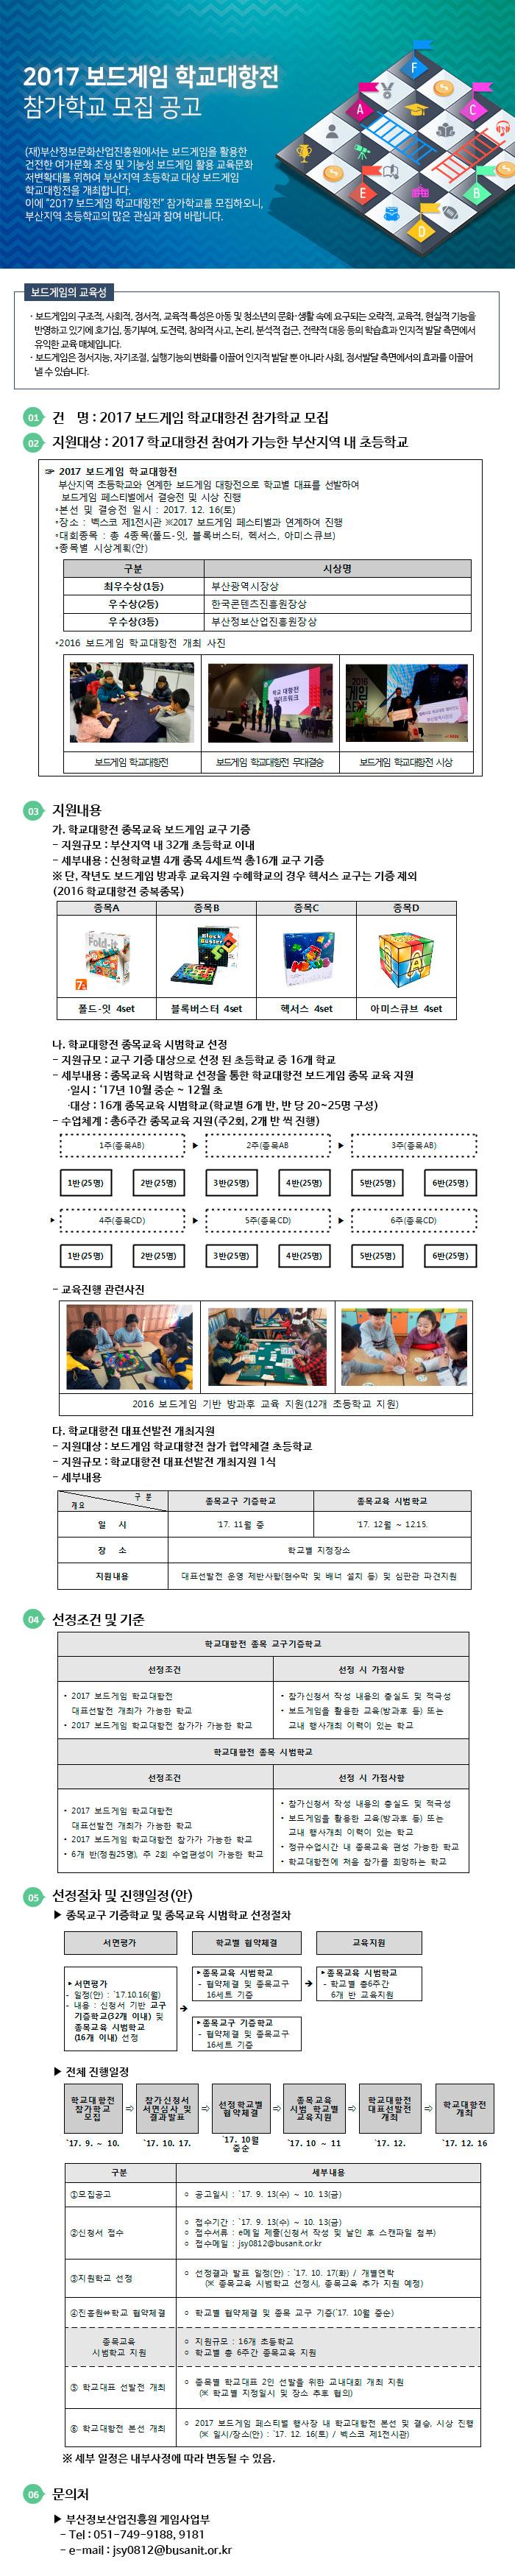 2017 보드게임 학교대항전 참가학교 모집 공고